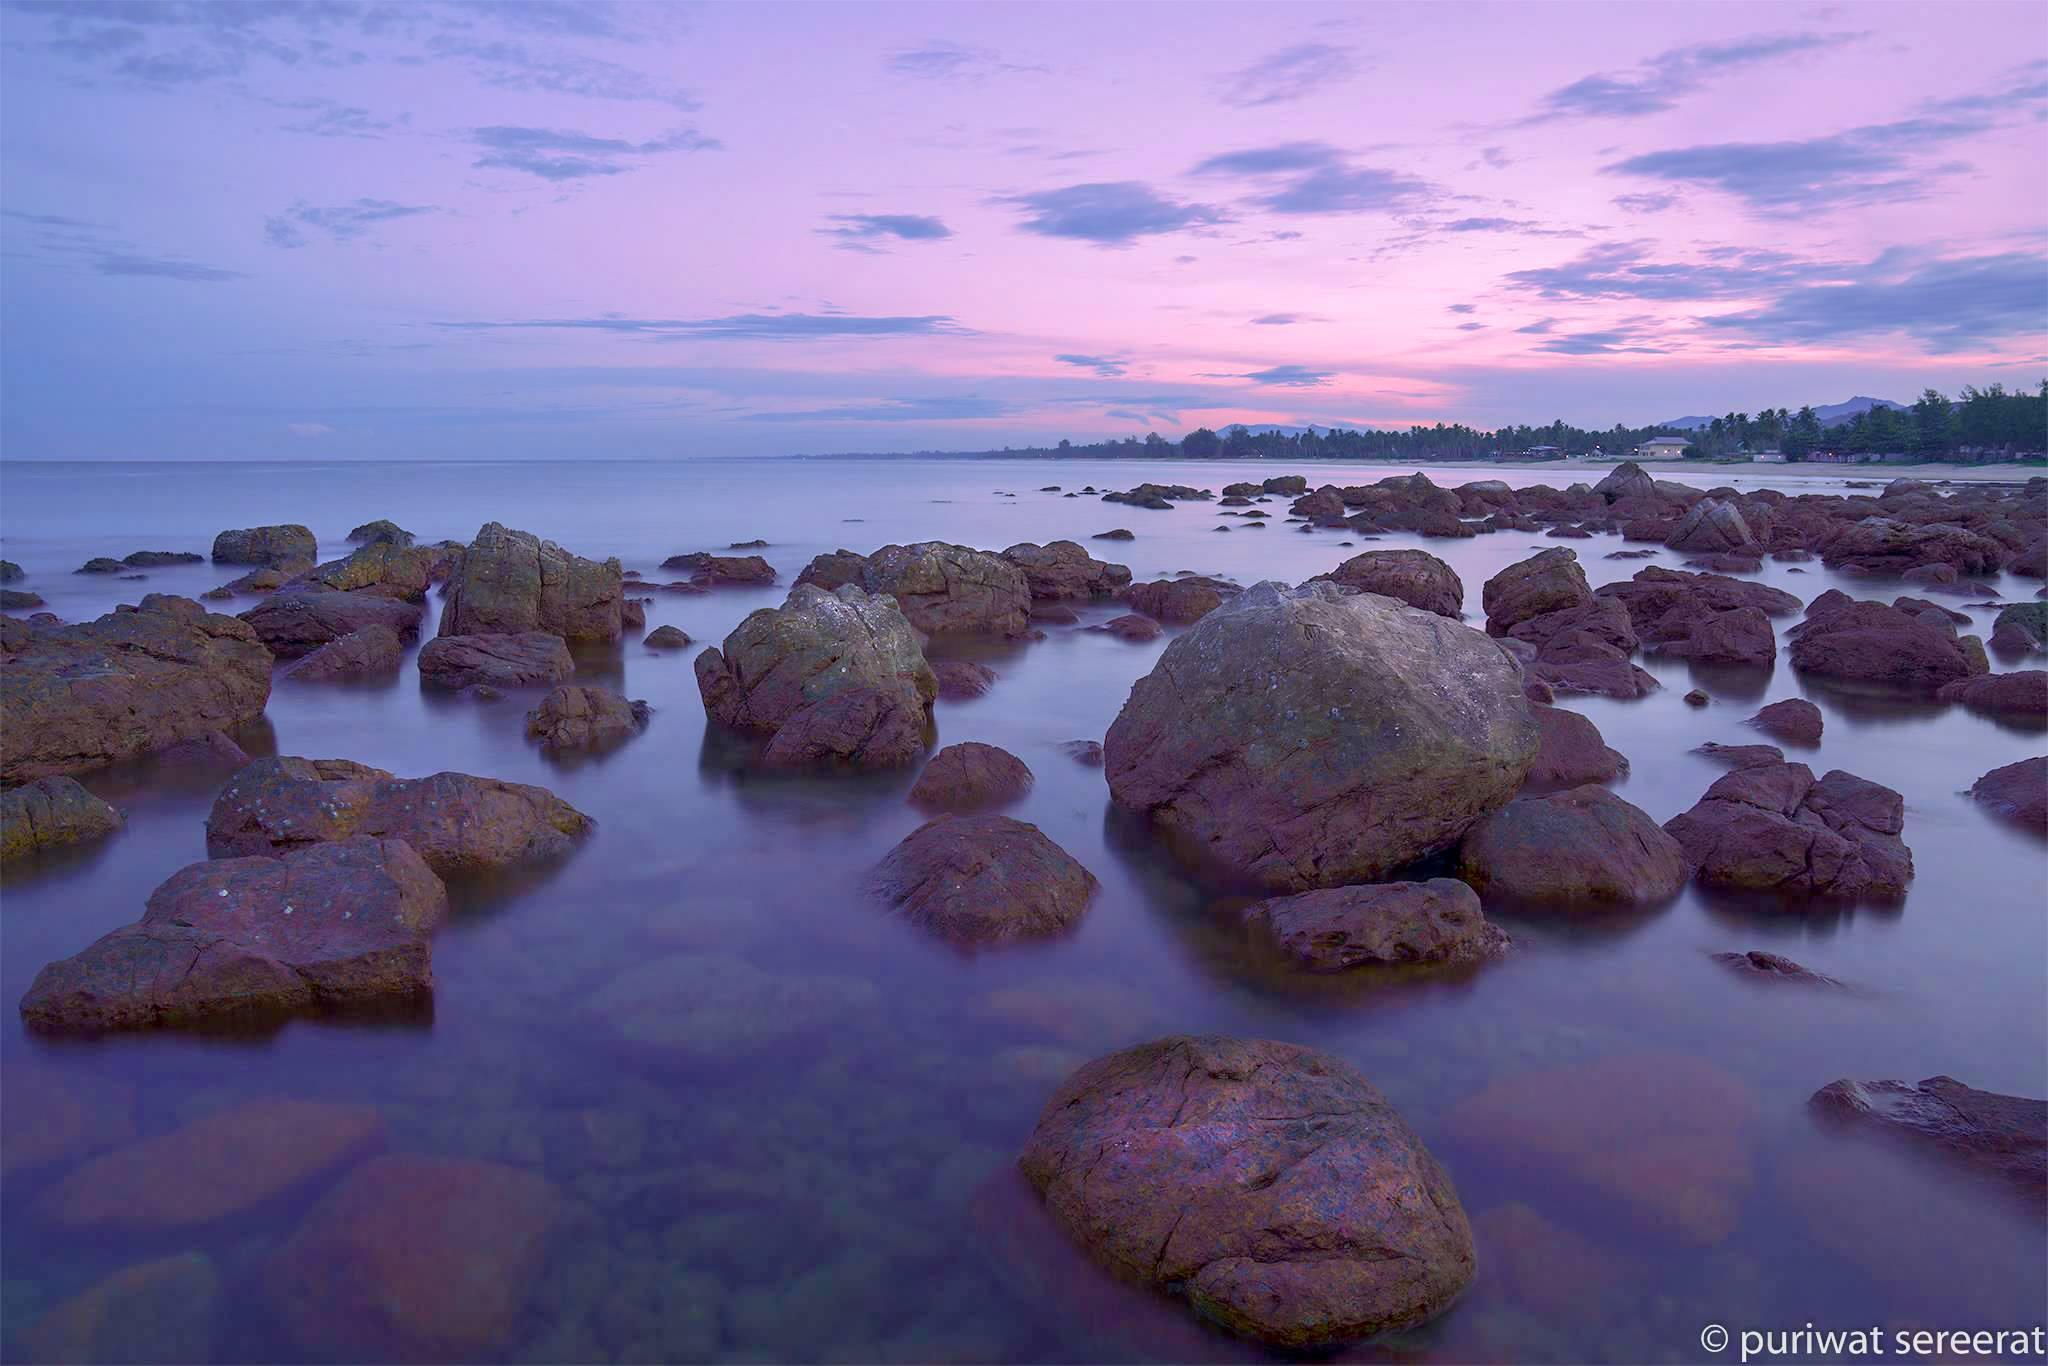 27.-หาดหินงาม-สิชล นครศรีธรรมราช,จุดถ่ายรูป,จุดเช็คอิน,ทะเล,ภูเขา,ป่า,น้ำตก,ลำธาร,คาเฟ่,ร้านอาหาร,จุดถ่ายรูป